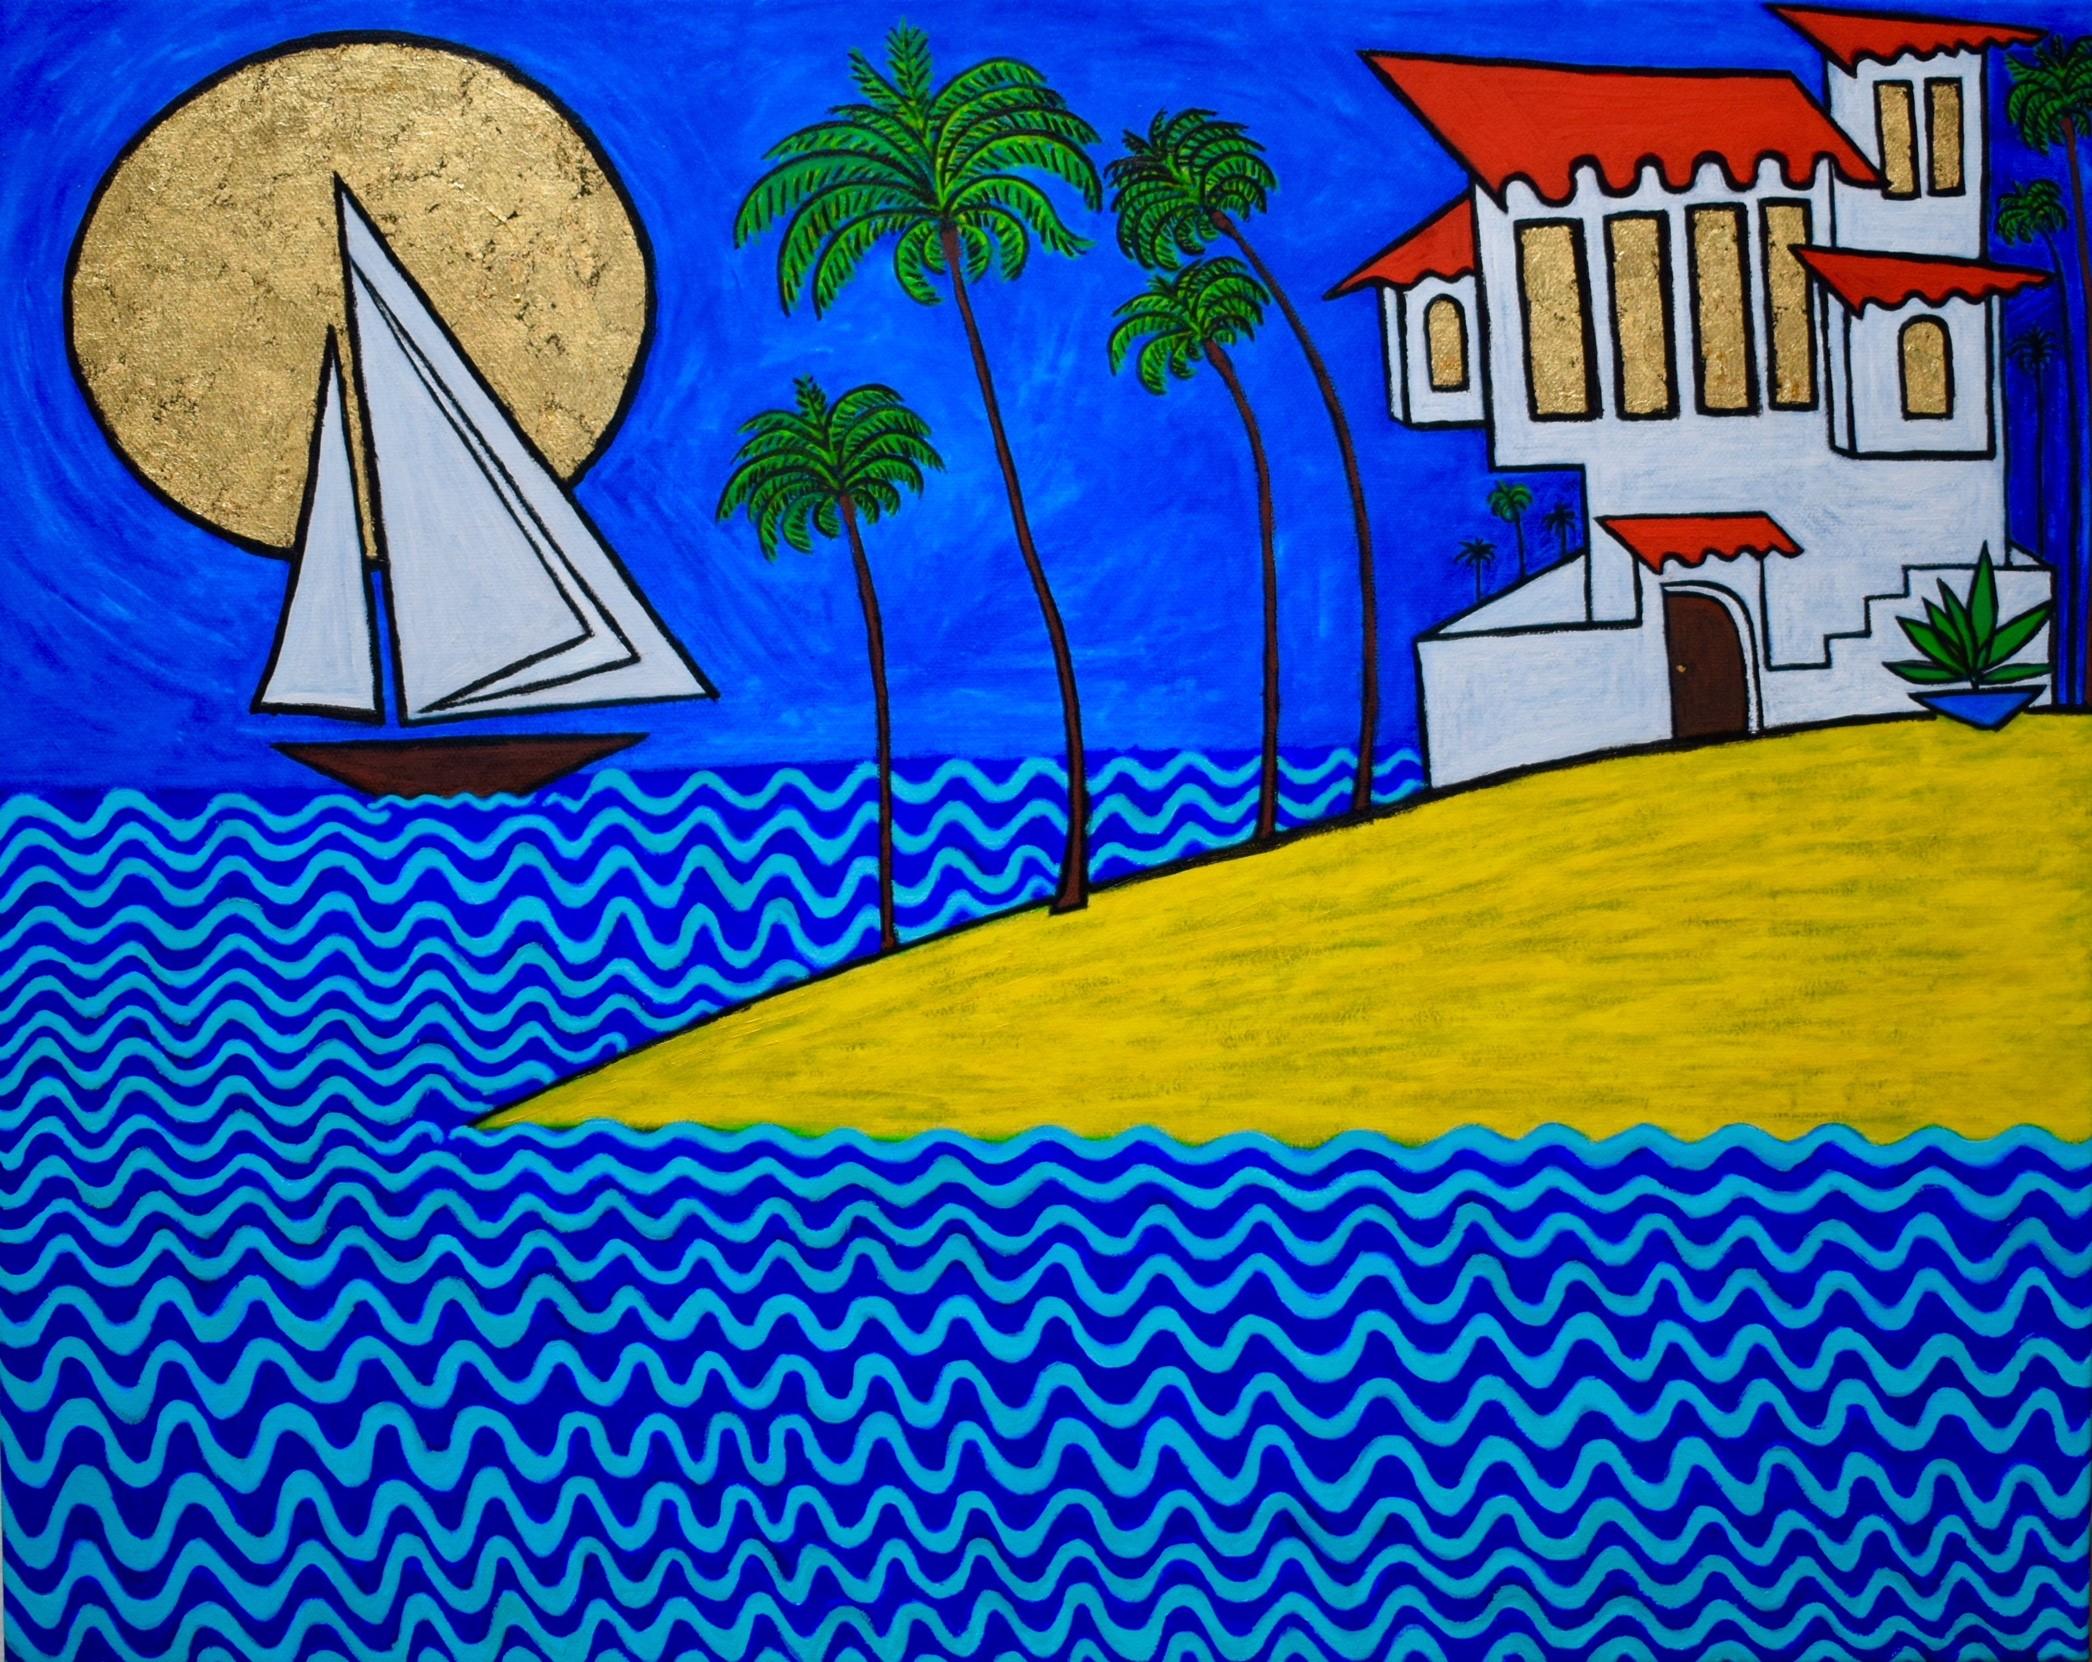 Seaside II Painting Paul Zepeda Wet Paint NYC.jpg